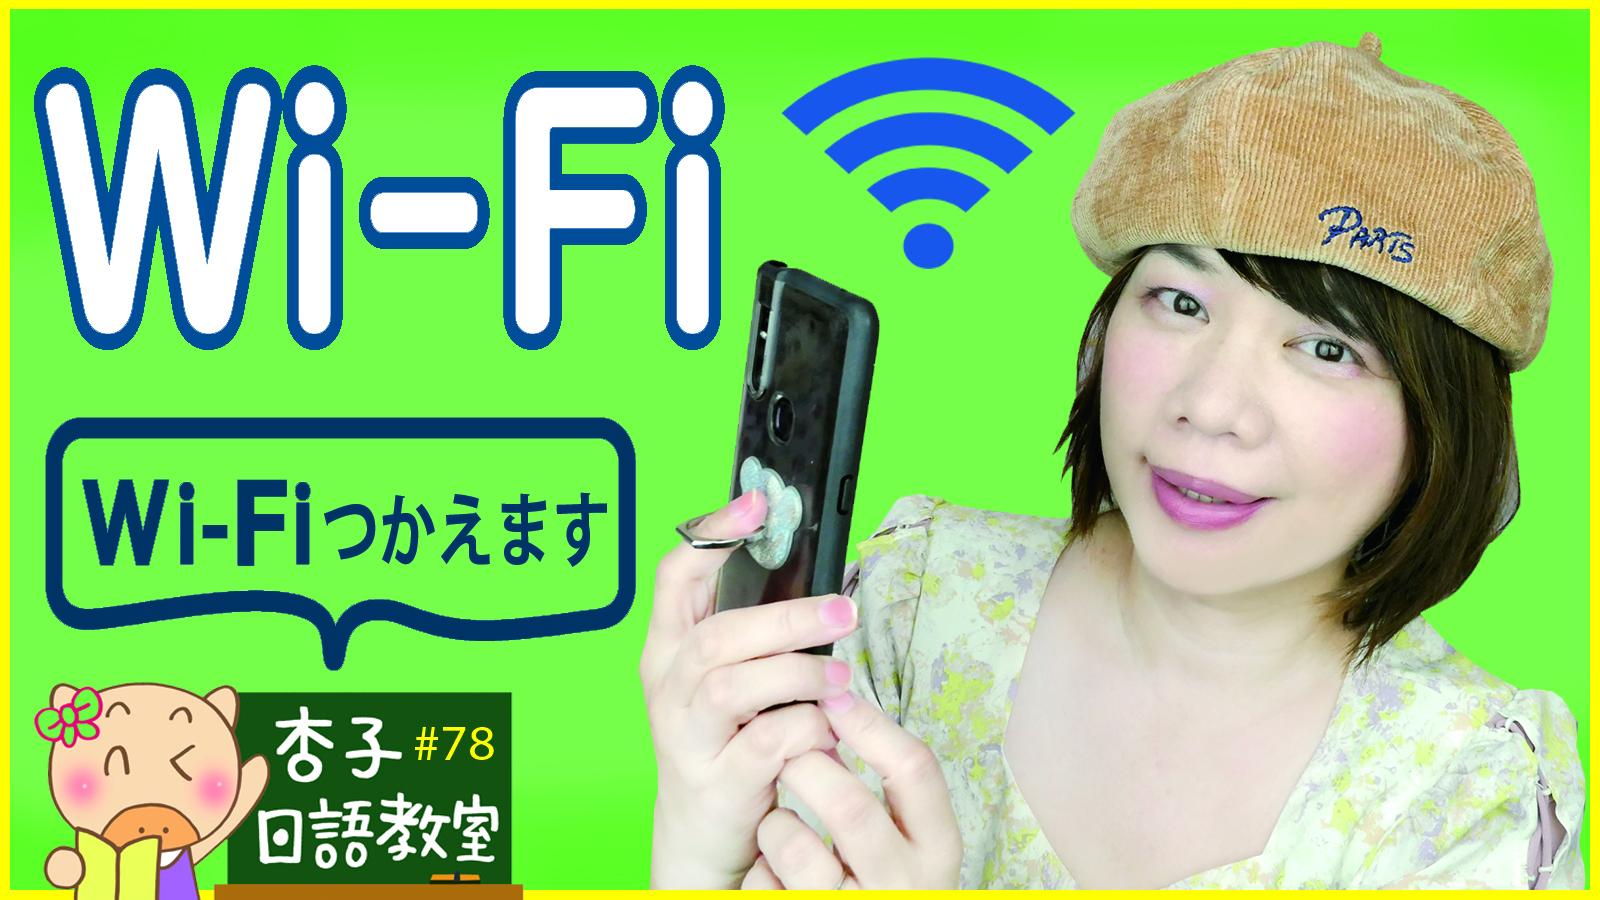 旅日上網萬用句型 |這裡有Wi-Fi 嗎|ここにはWi-Fi はありますか